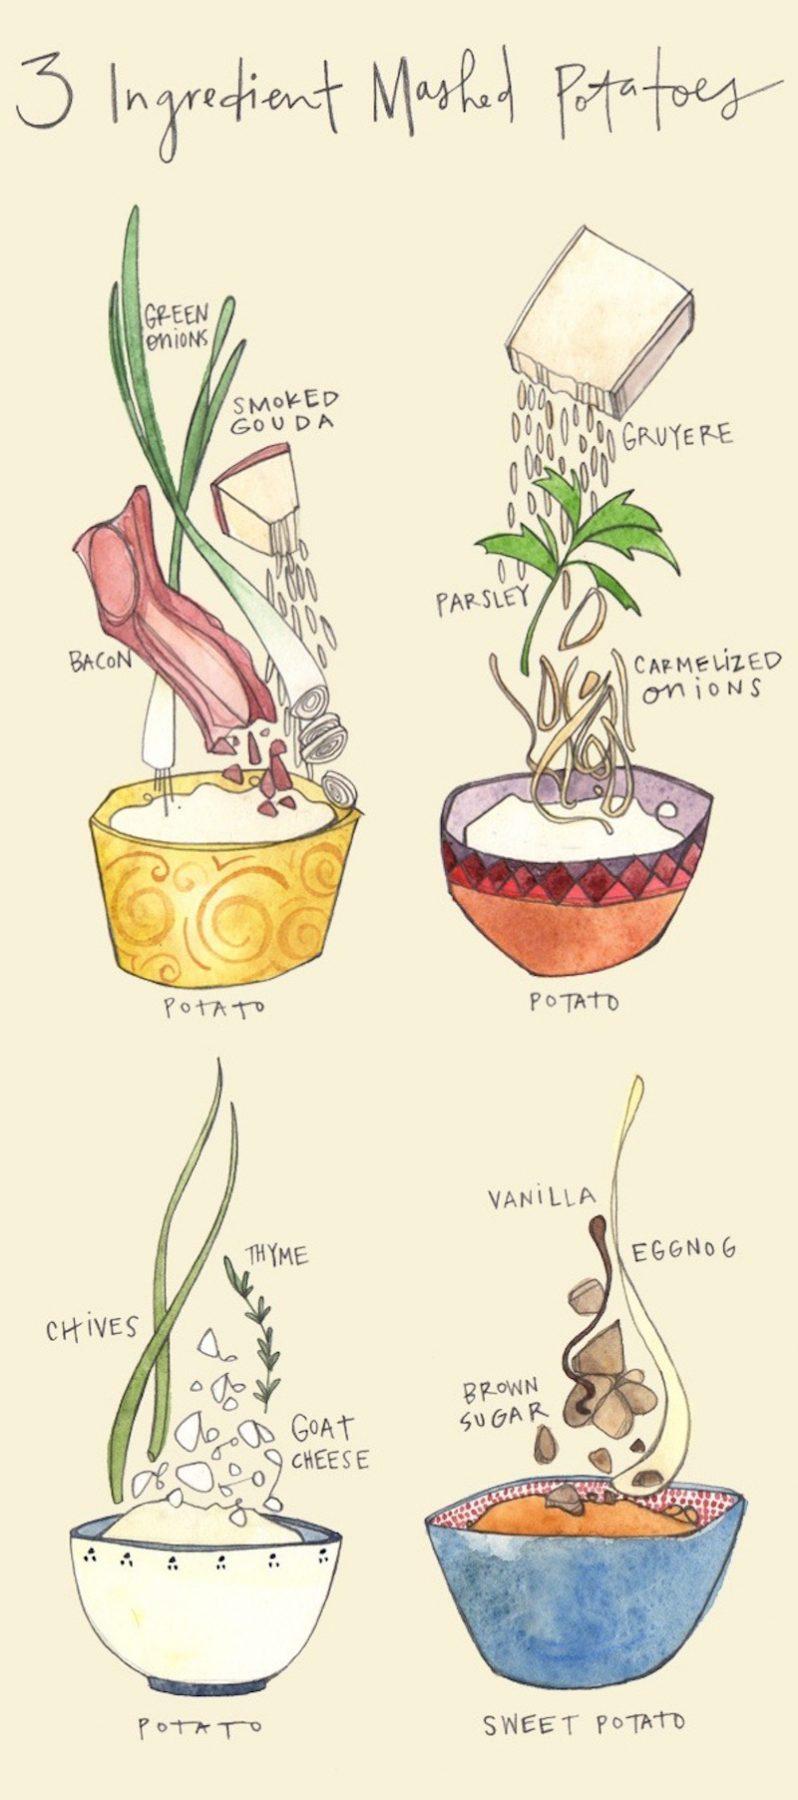 mashed-potato-web